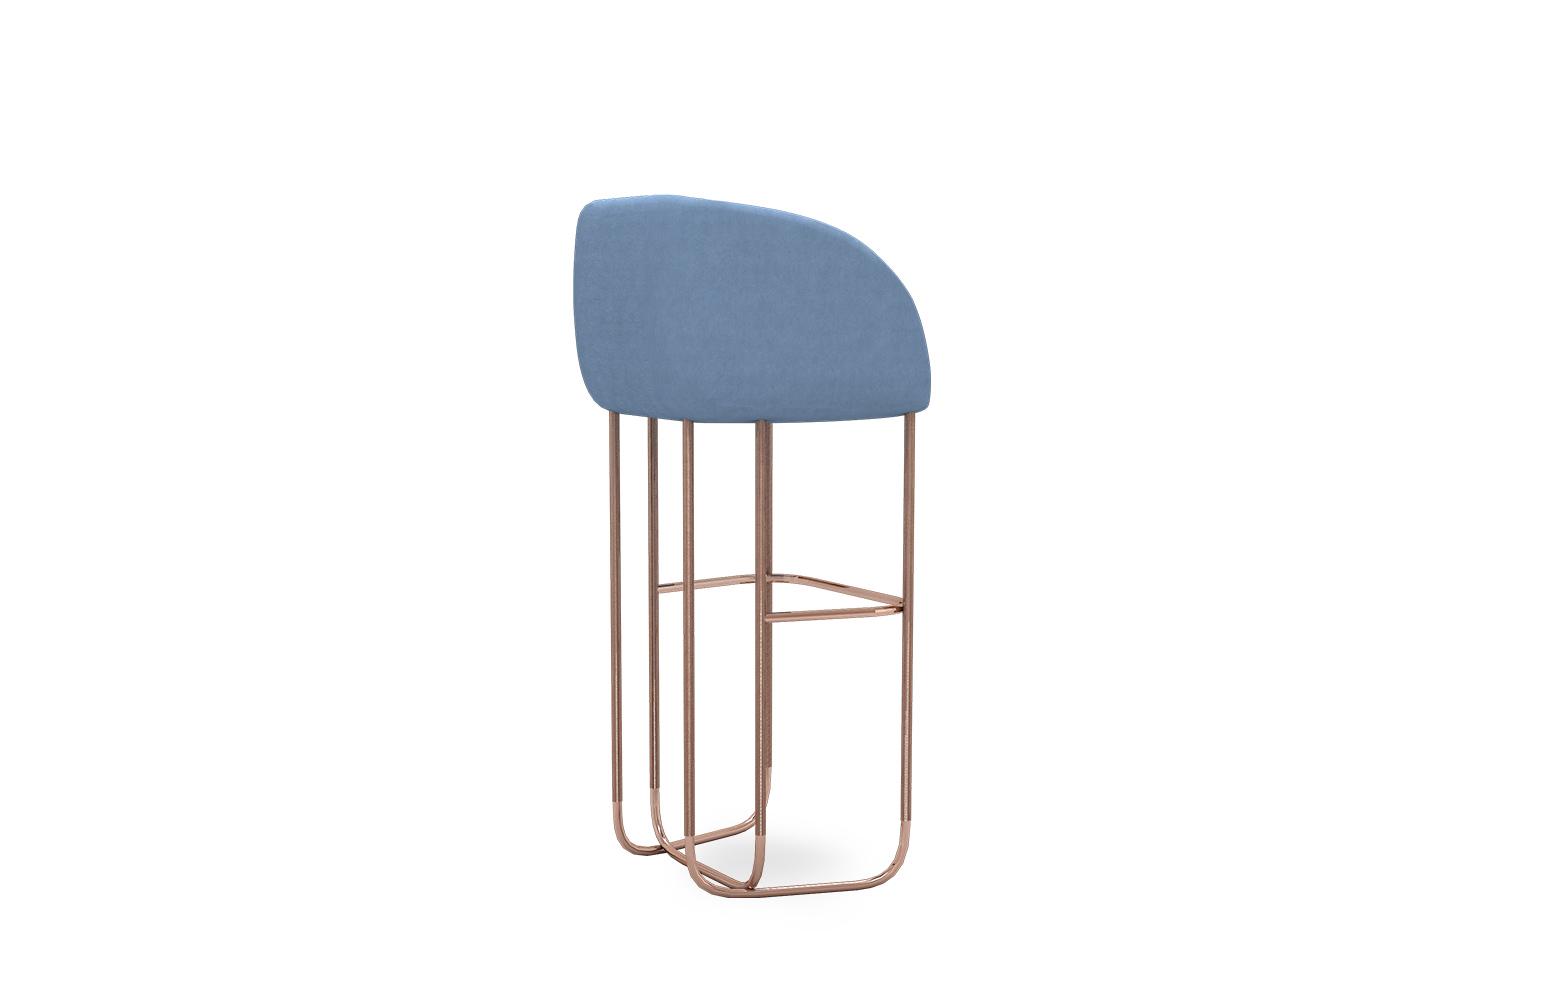 Utah Bitangra : utah modern contemporary bar stool upholstred serenity velvet pantone color bitangra furniture design 05 from www.bitangra.com size 1556 x 1000 jpeg 95kB